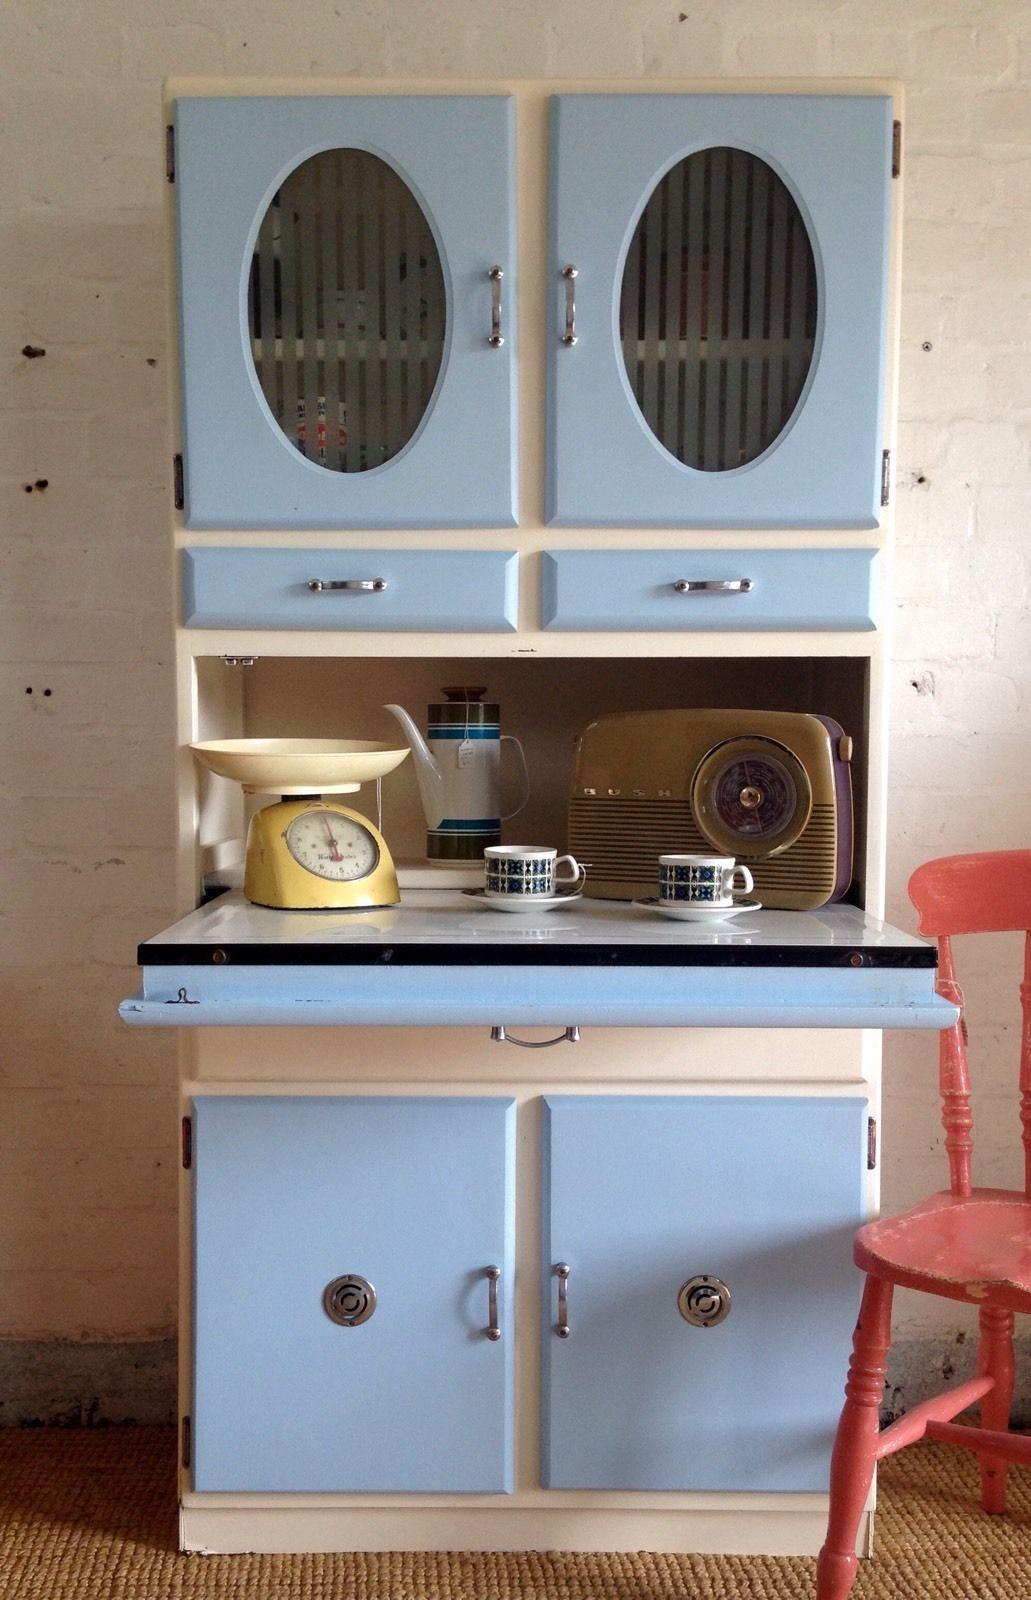 60S Kitchen Vintage Retro 50S 60S Kitchen Cabinet Cupboard Larder Kitchenette